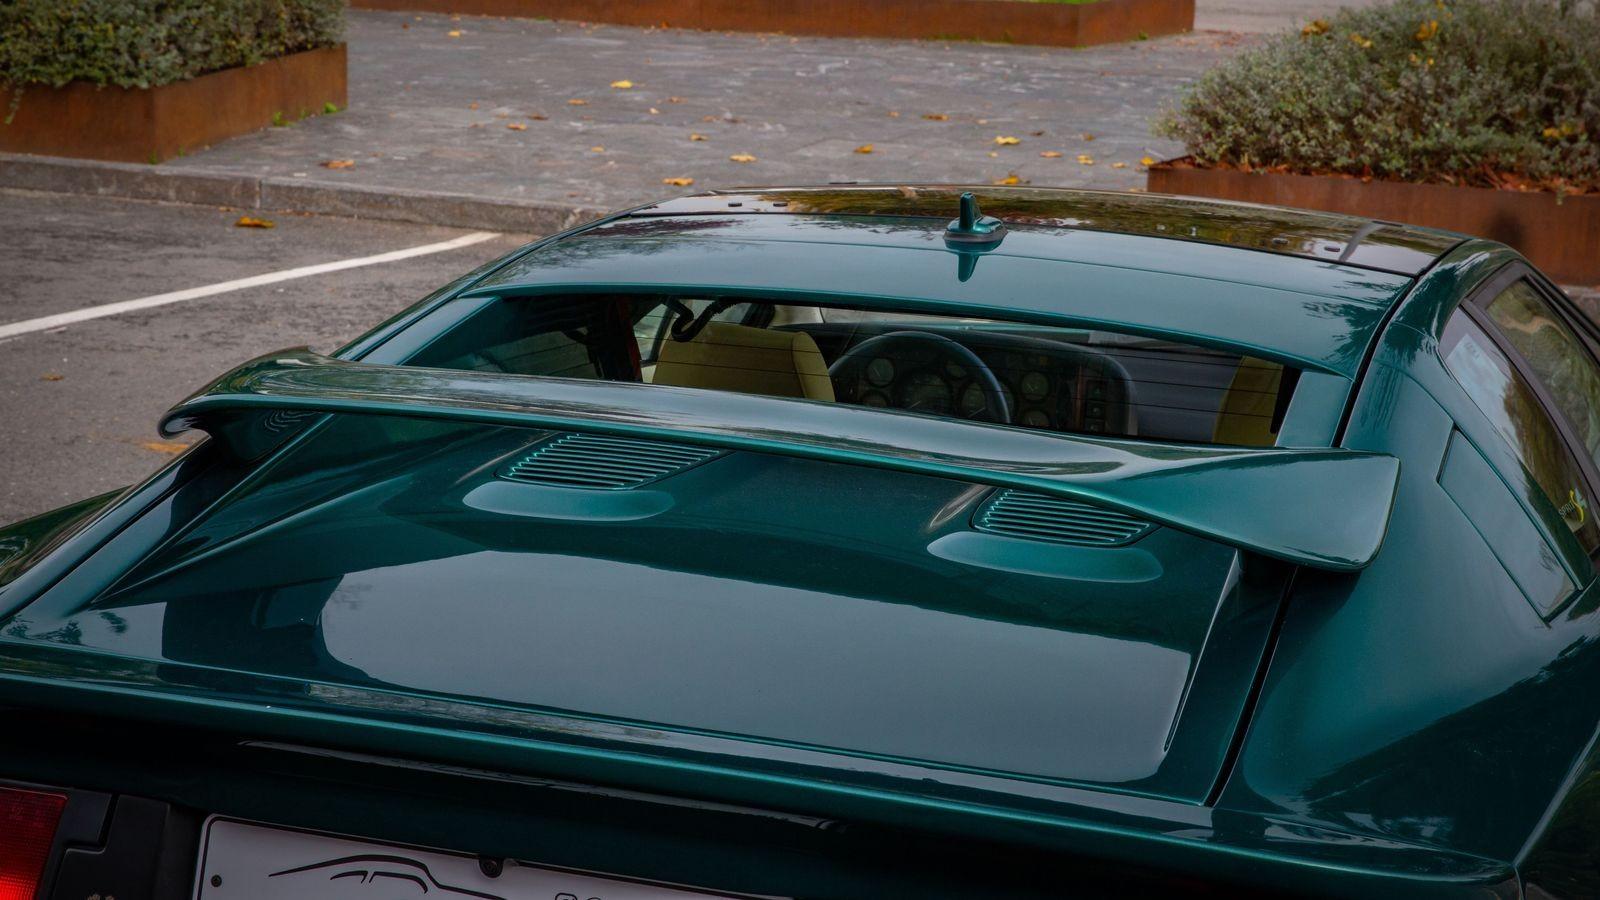 Все, как у Бонда, только не плавает! Опыт владения Lotus Esprit 1996 года